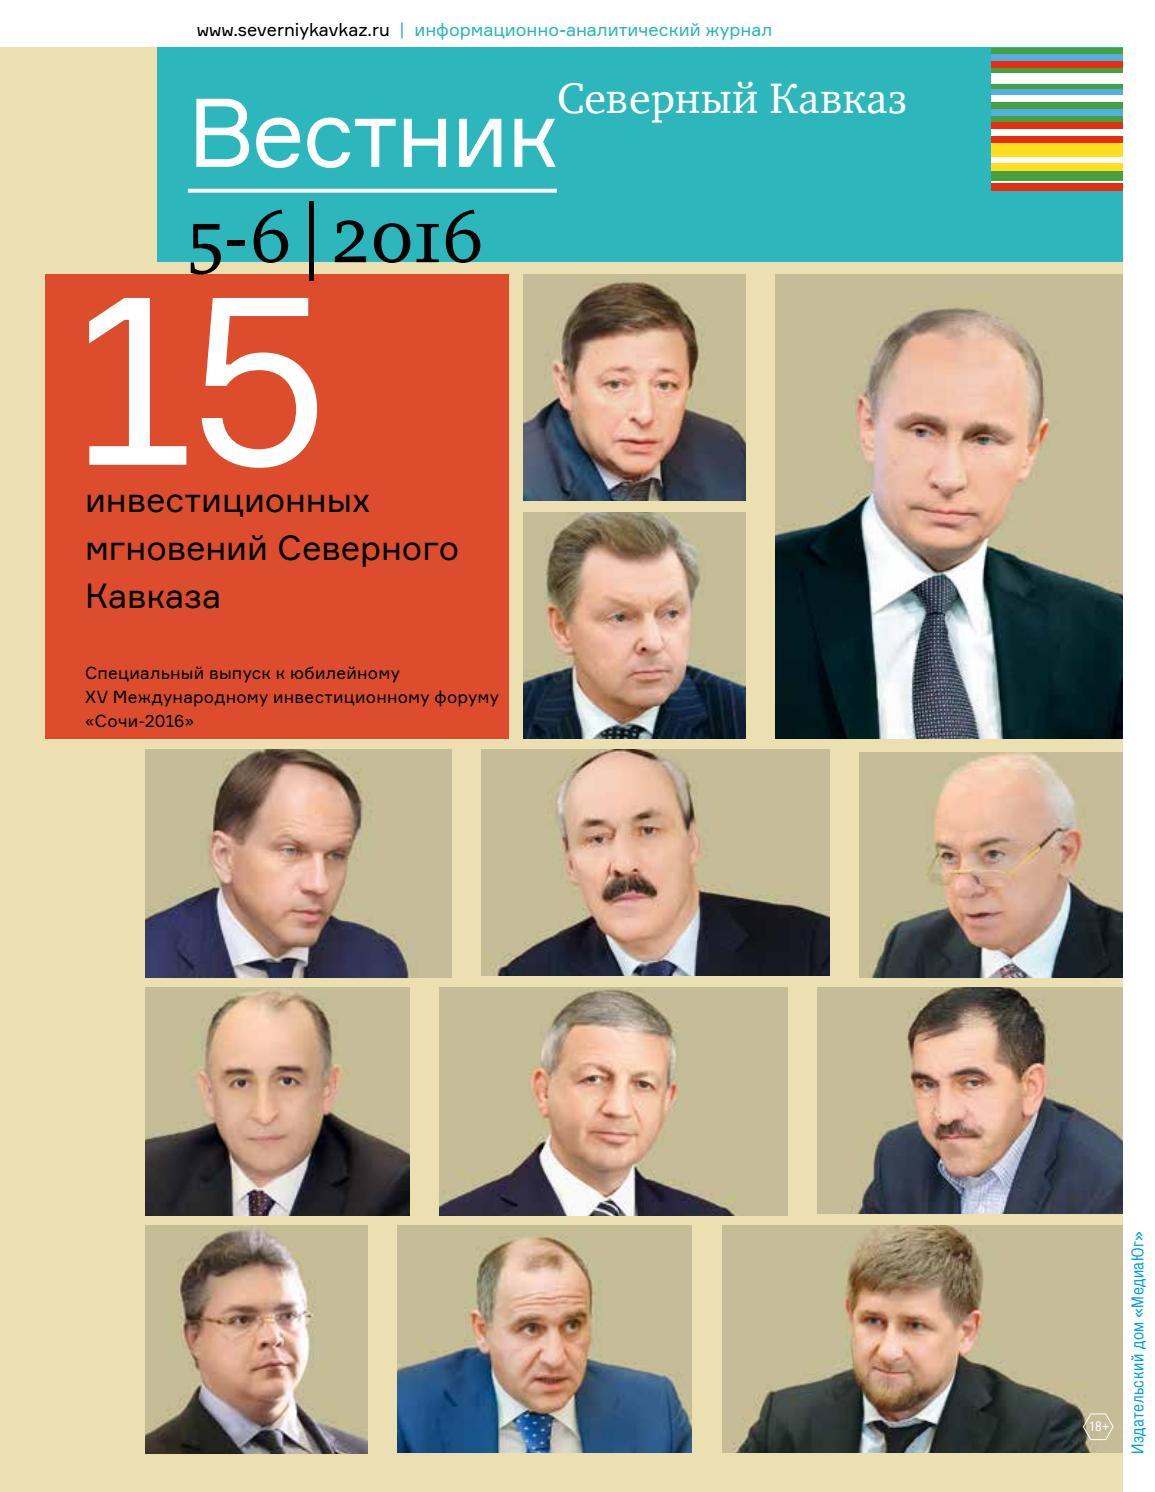 Xtc Купить Химки Кетамин Магазин Новомосковск